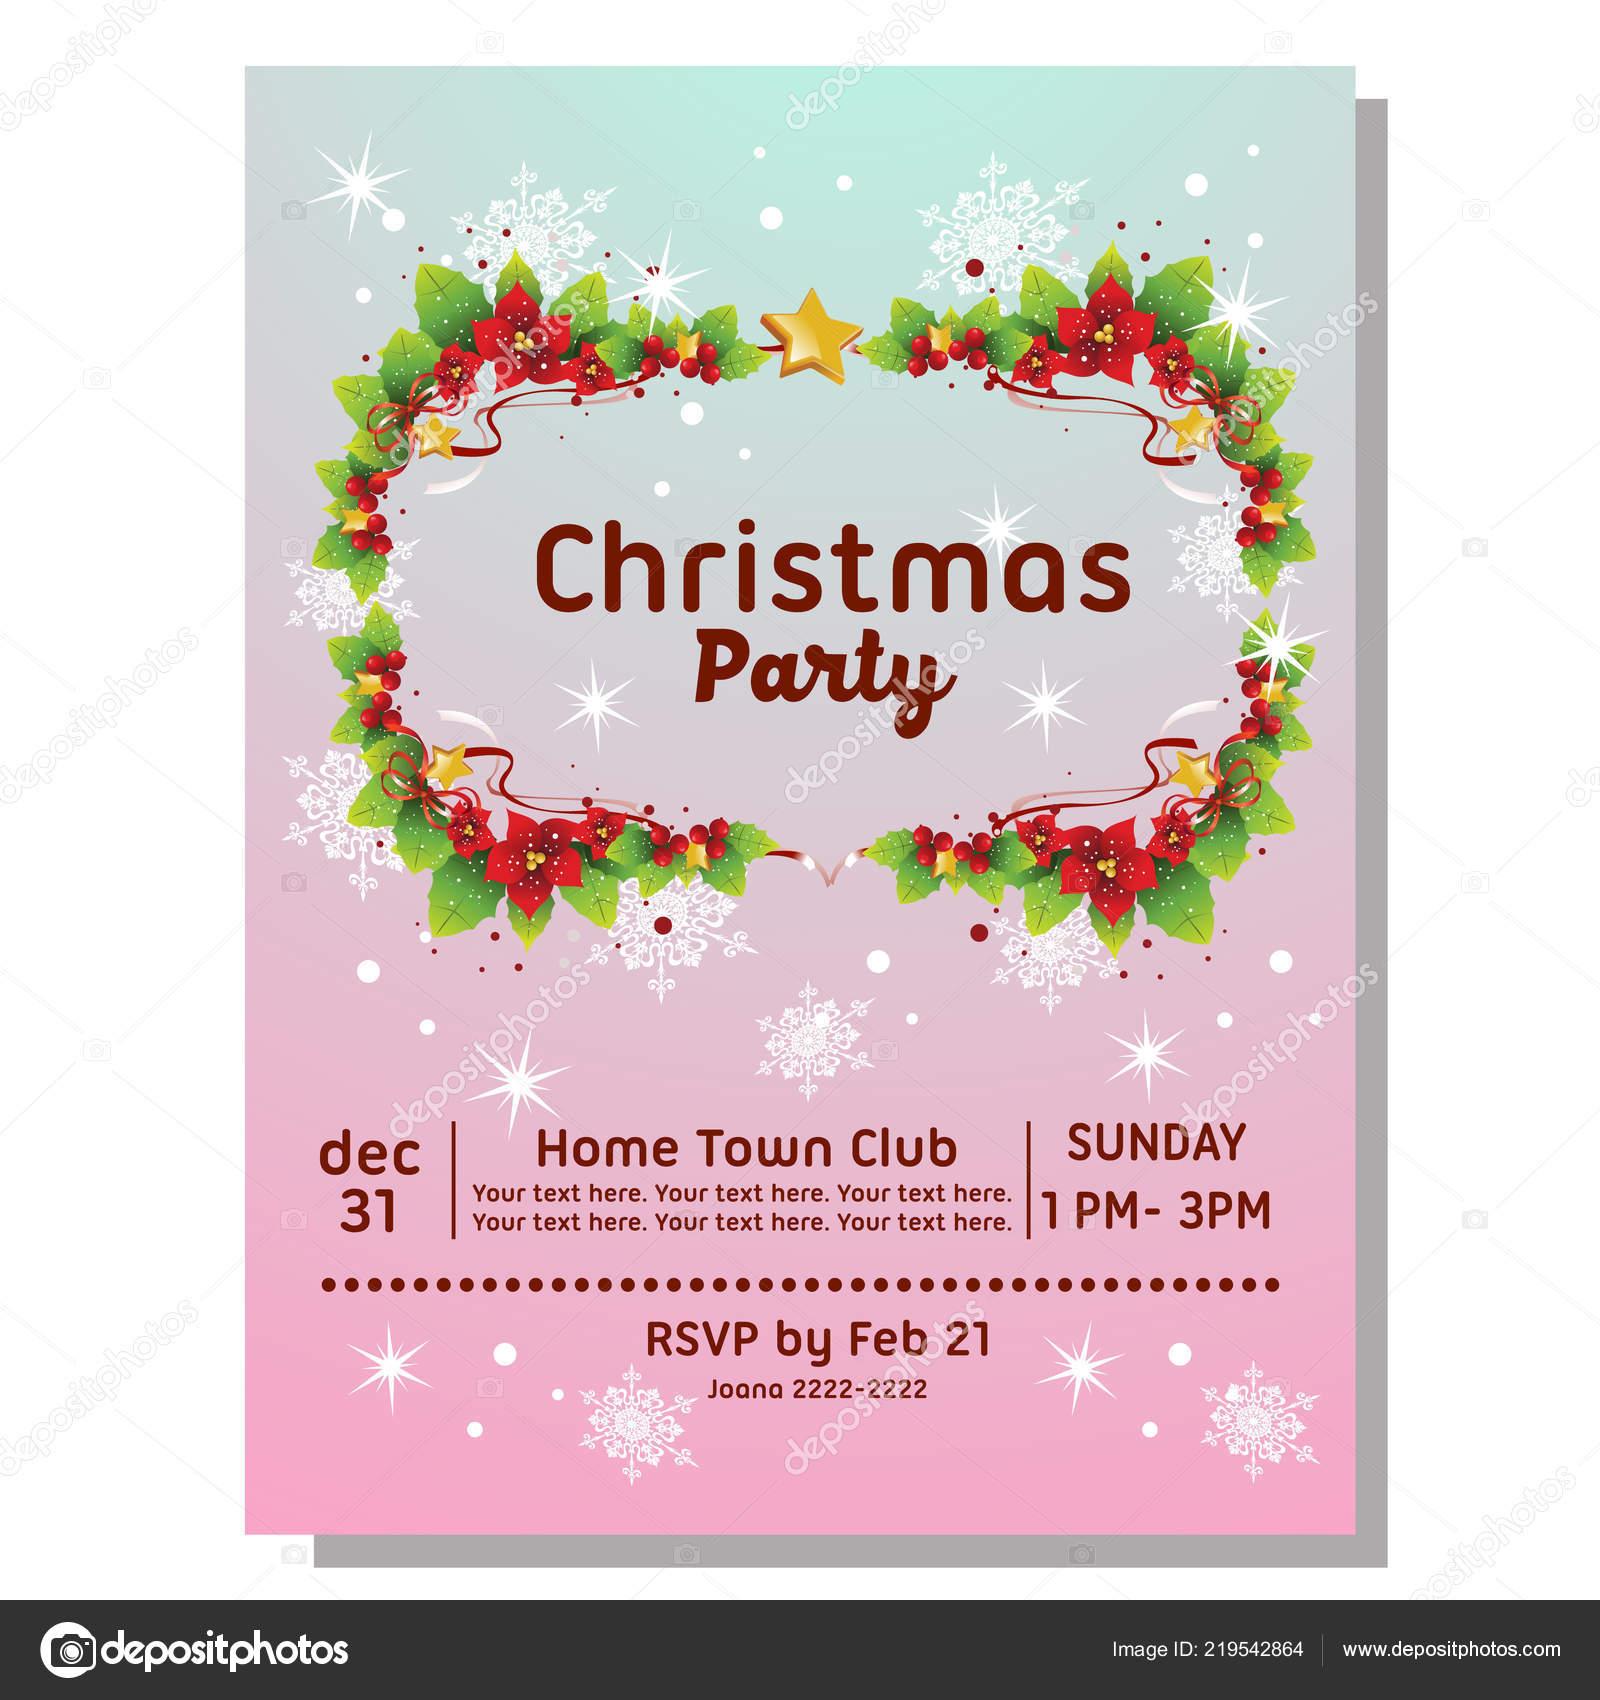 Tarjeta Invitación Fiesta Navidad Con Frontera Flor Pascua